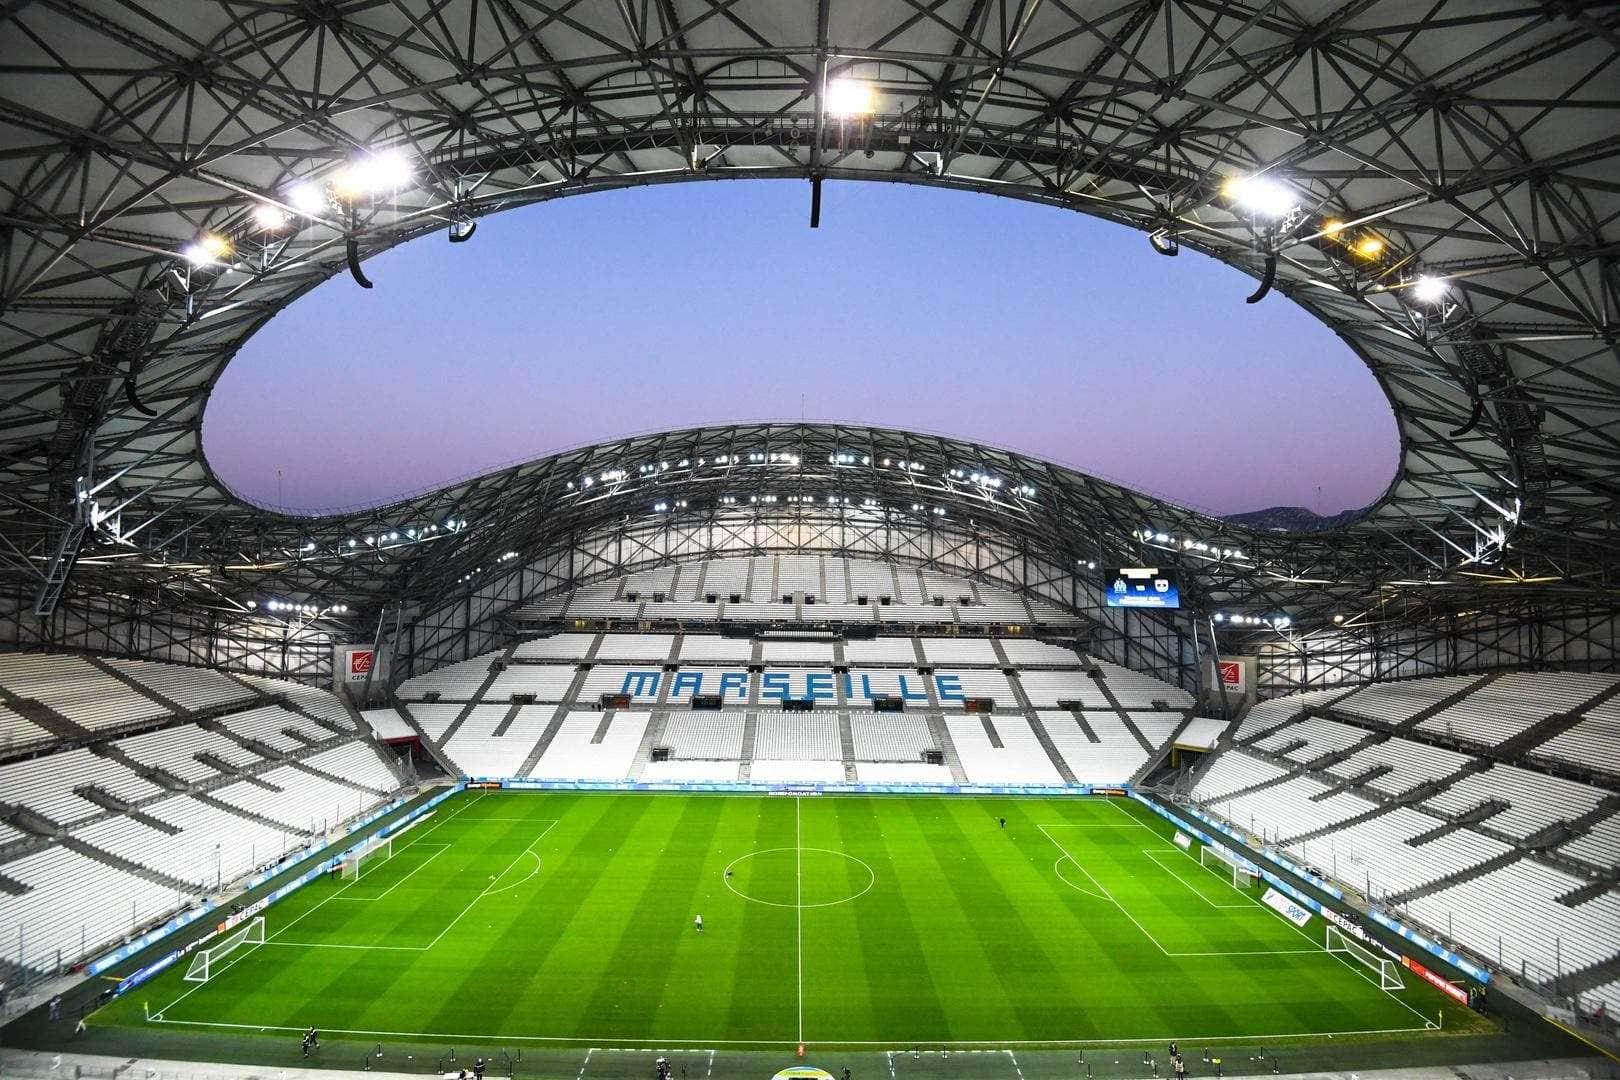 À sombra do PSG, Olympique de Marselha investe em dados, redes sociais e arte local para manter a paixão da torcida